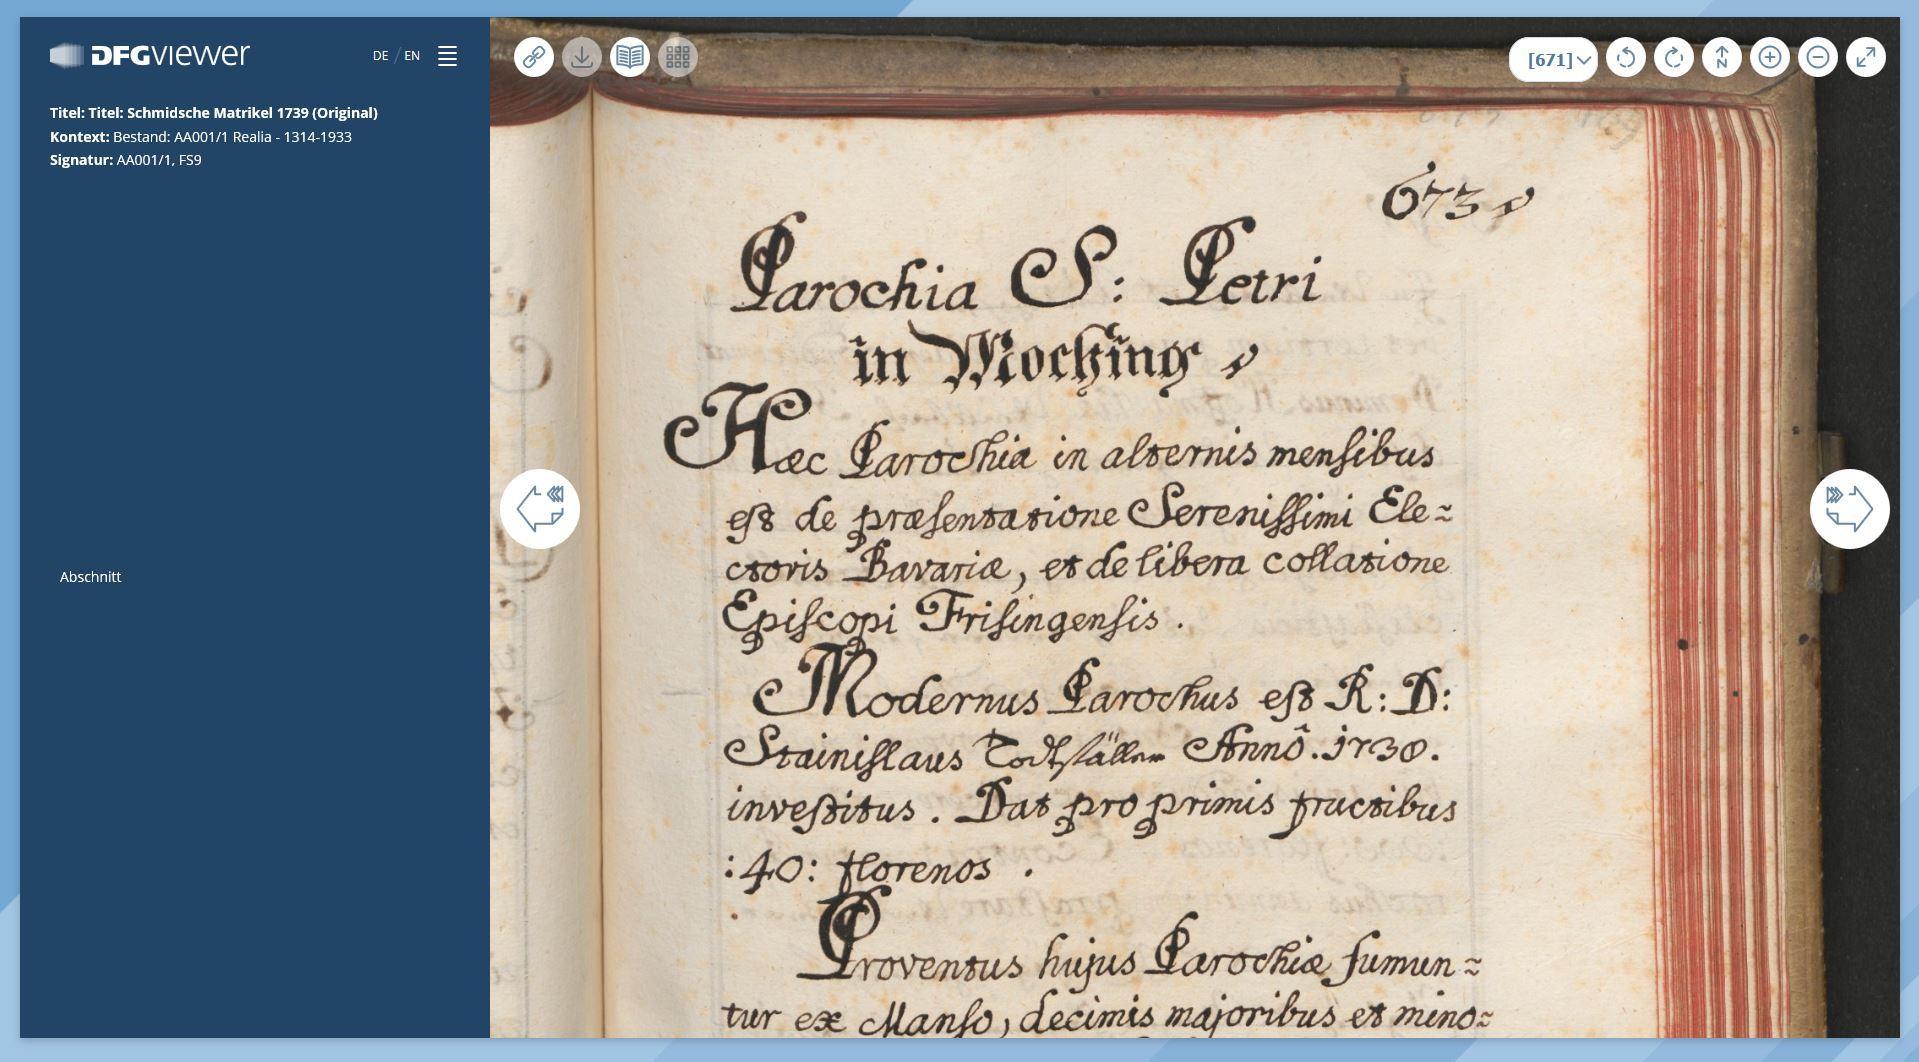 Anlasslich Des Tags Der Archive Das Digitale Archiv Des Erzbistums Auf Br Heimat Archive In Munchen